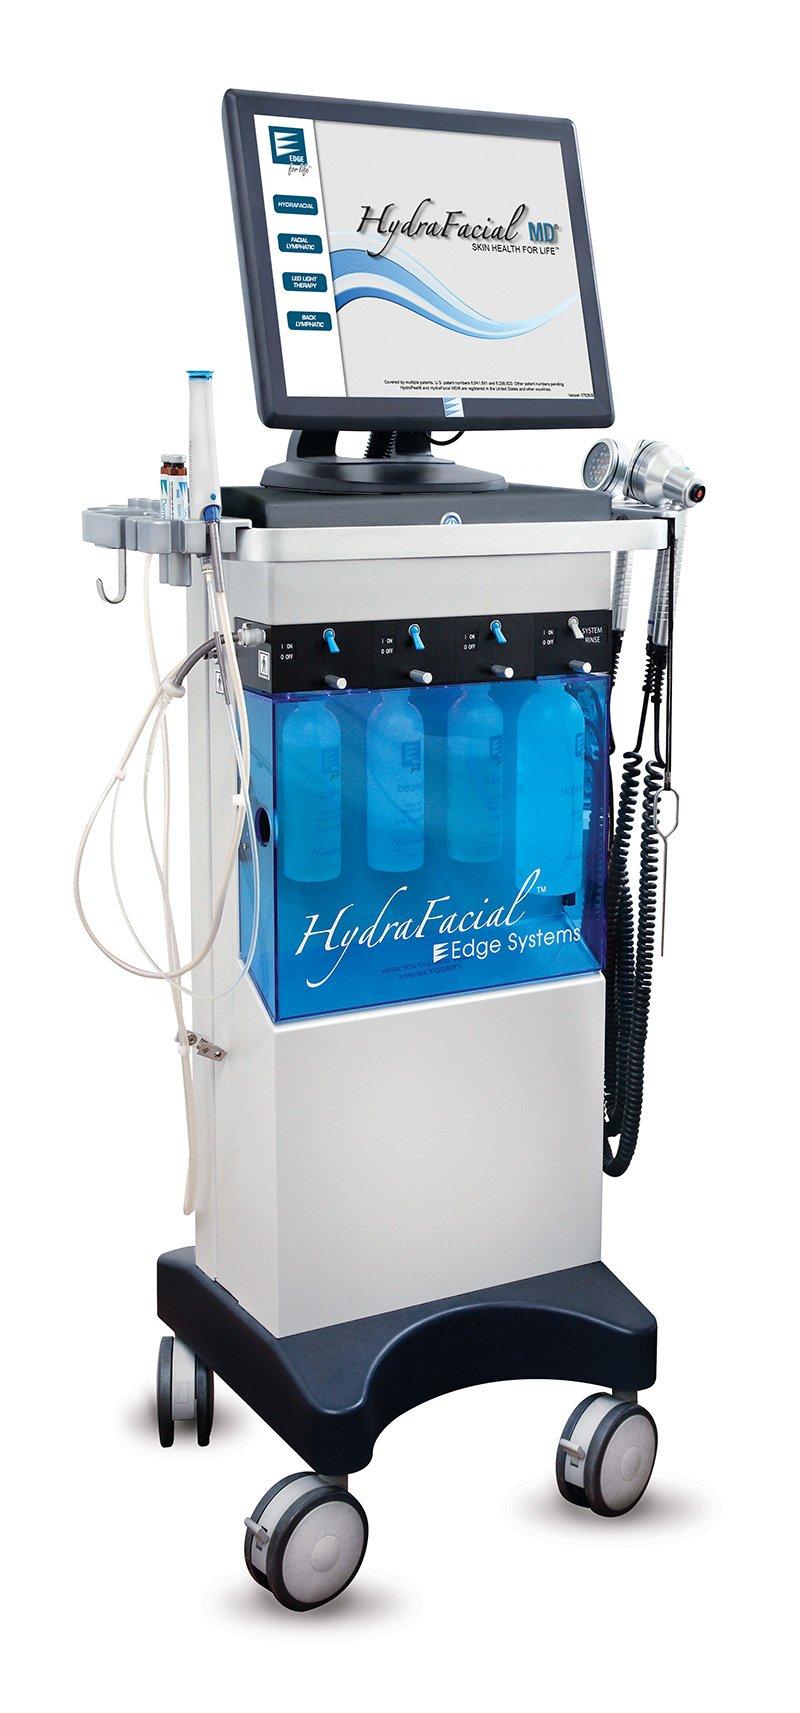 apparat stand - Аппарат для чистки лица HydraFacial® - купить в Москве